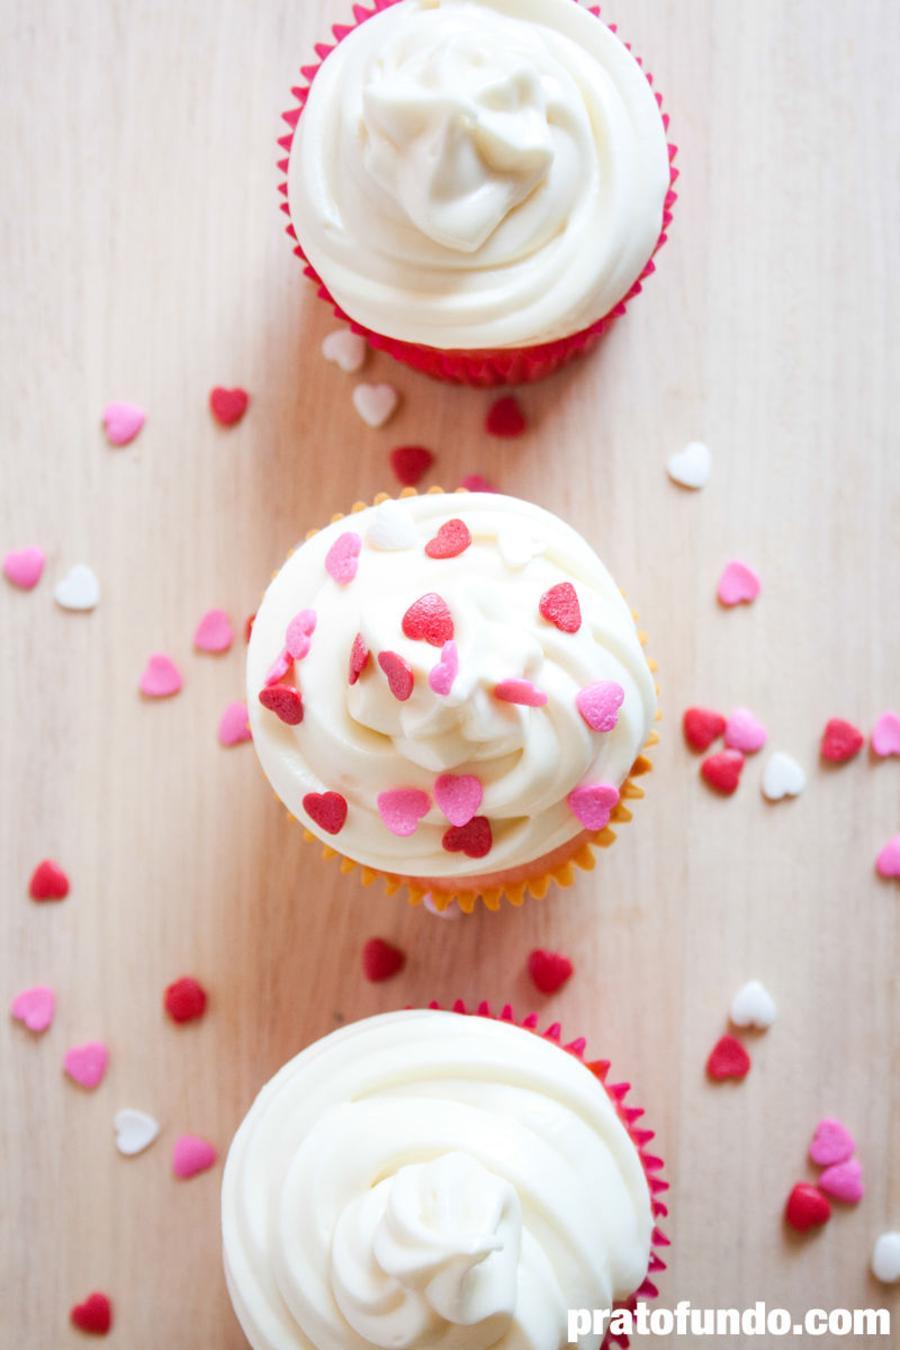 Cupcake de Baunilha Trufado e Cobertura Cream Cheese por PratoFundo.com